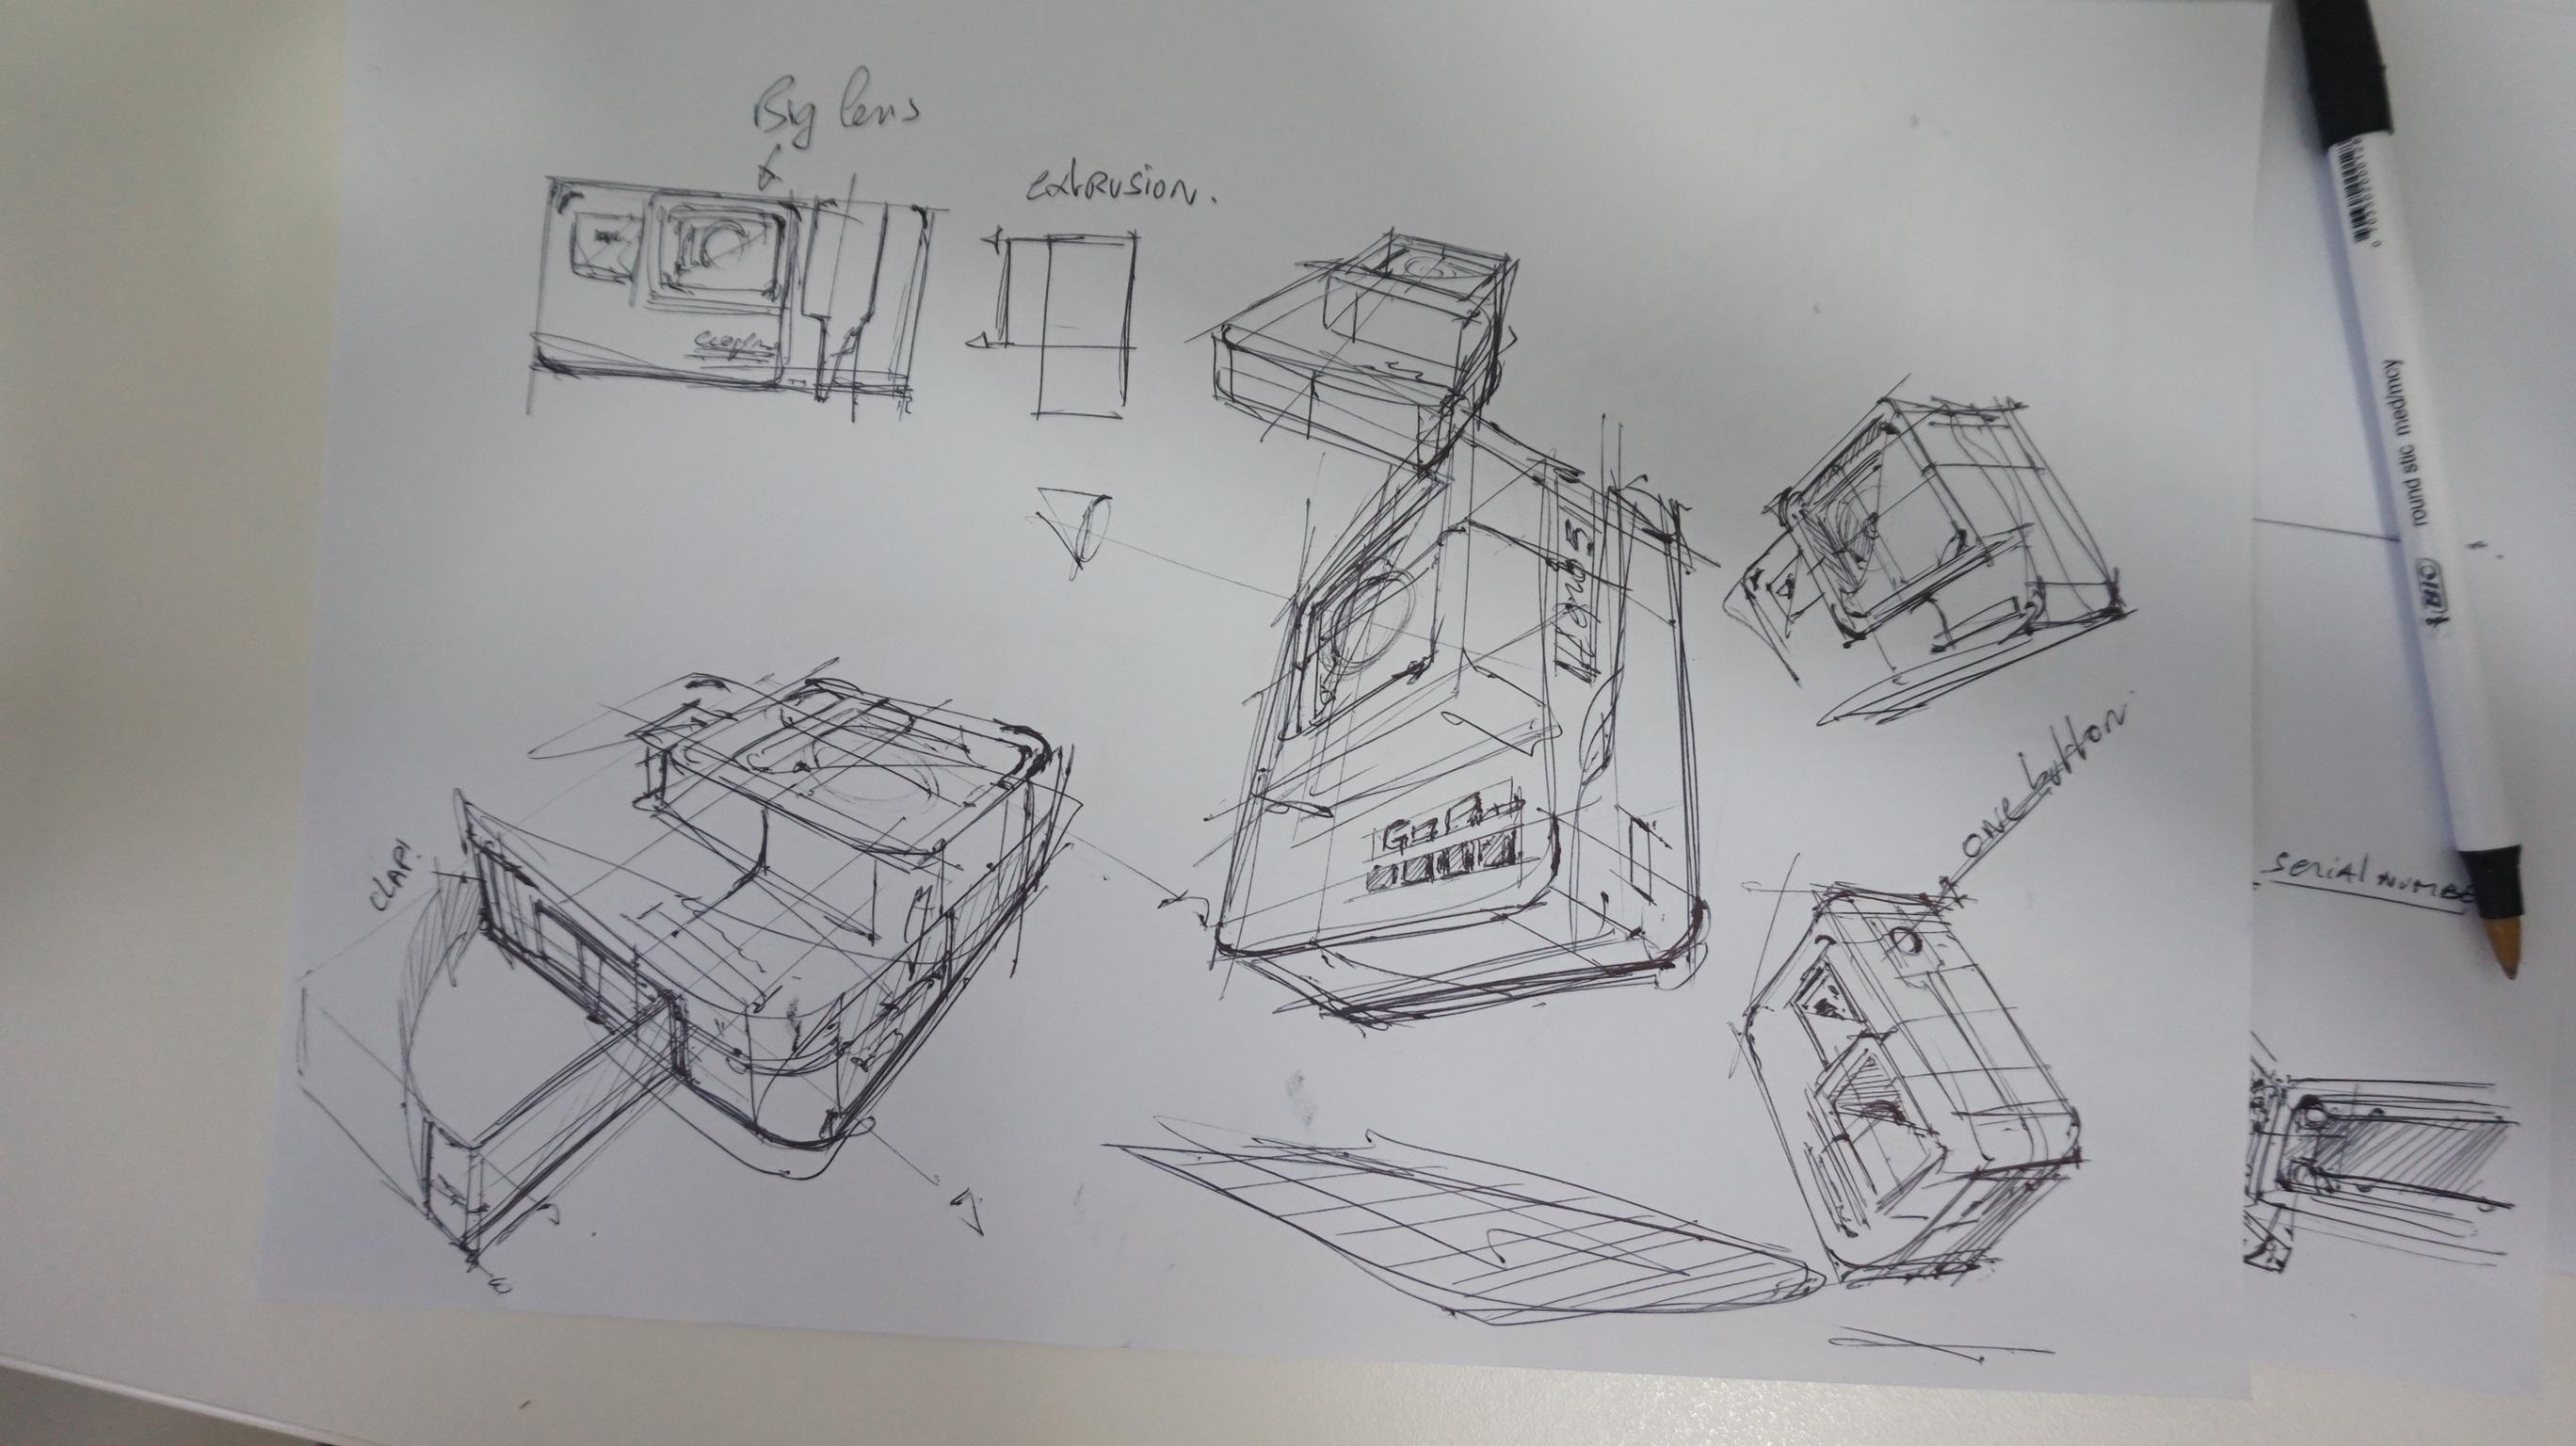 c Ugly Doodle Sketching a Go Pro - product design sketching tutorial the design sketchbook chou-tac